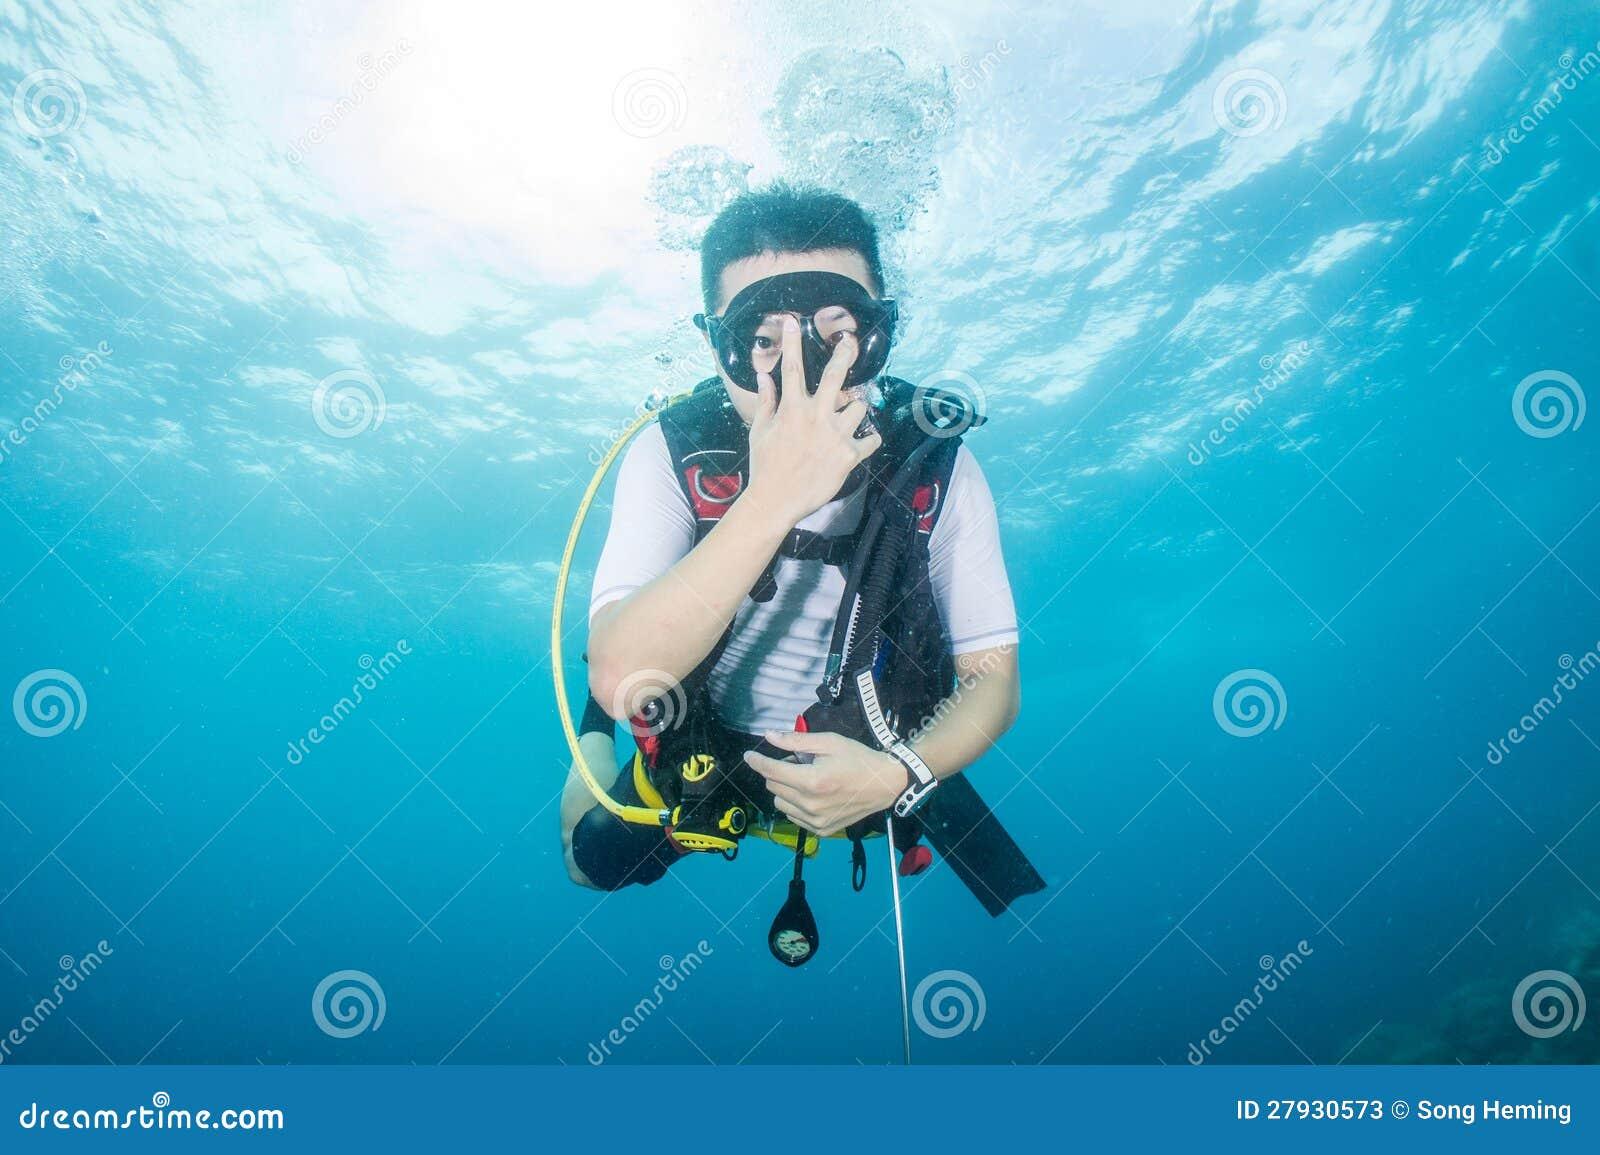 Buceo con escafandra